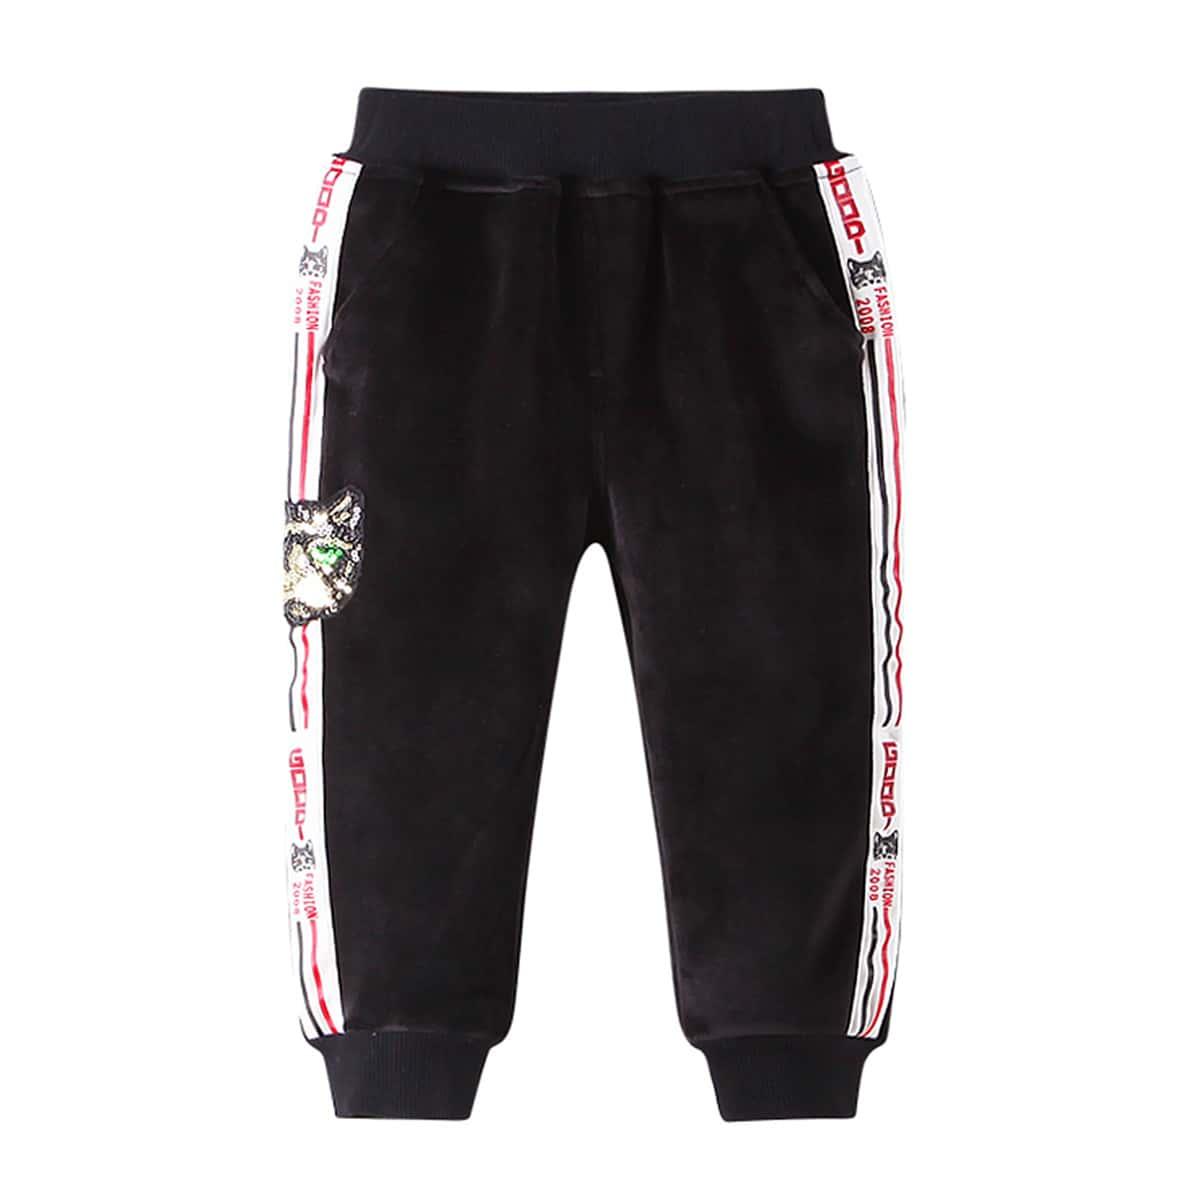 Контрастные блестки полосатый спортивный брюки для маленьких девочек